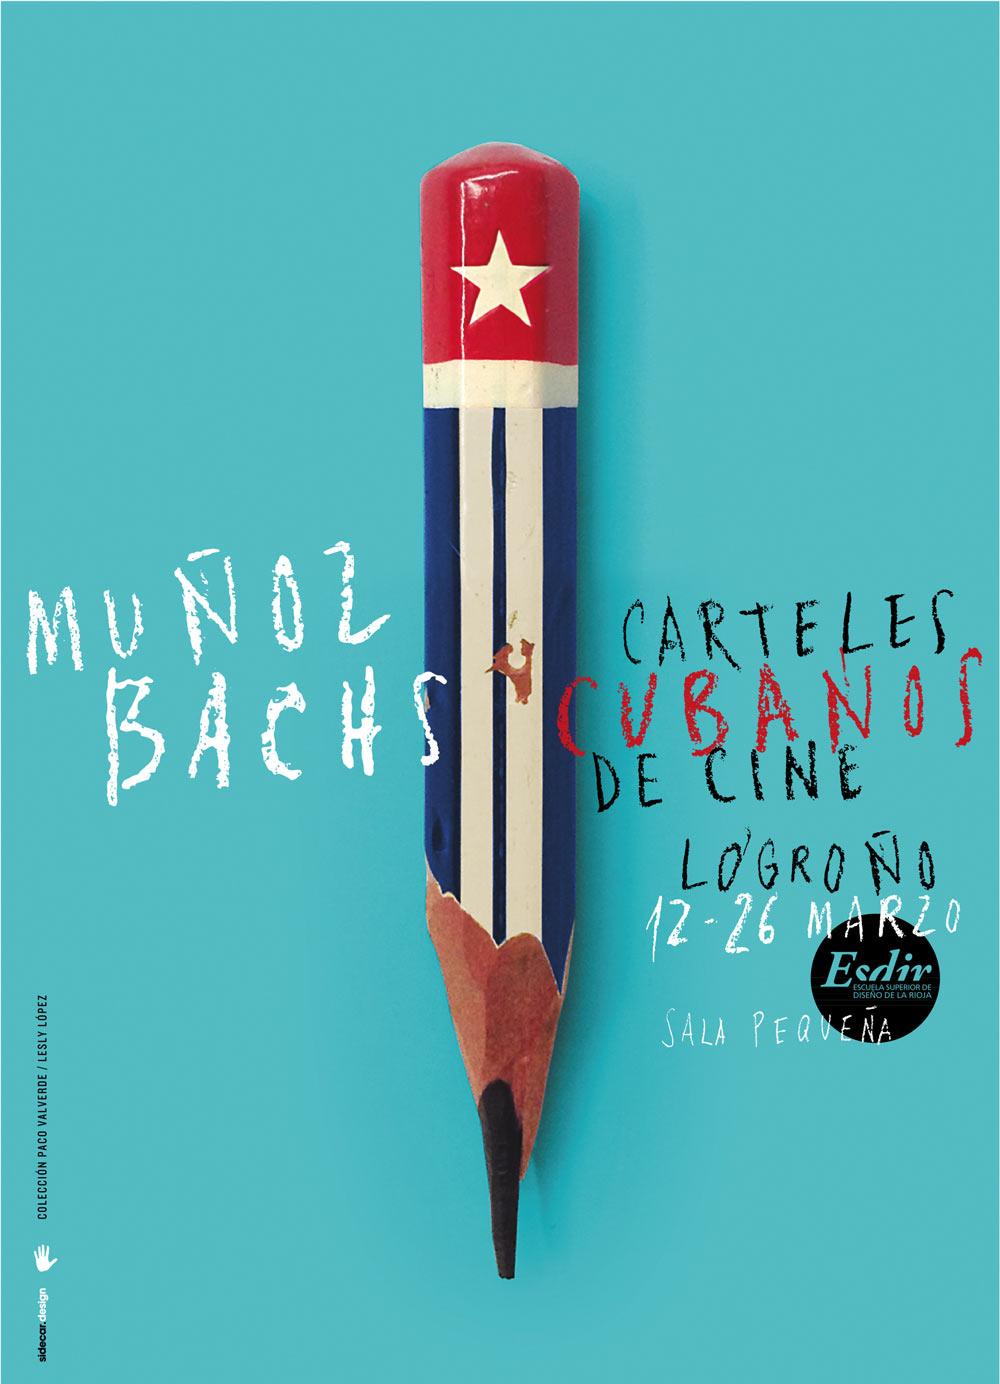 Exposición: Muñoz Bachs, Carteles Cubanos de Cine